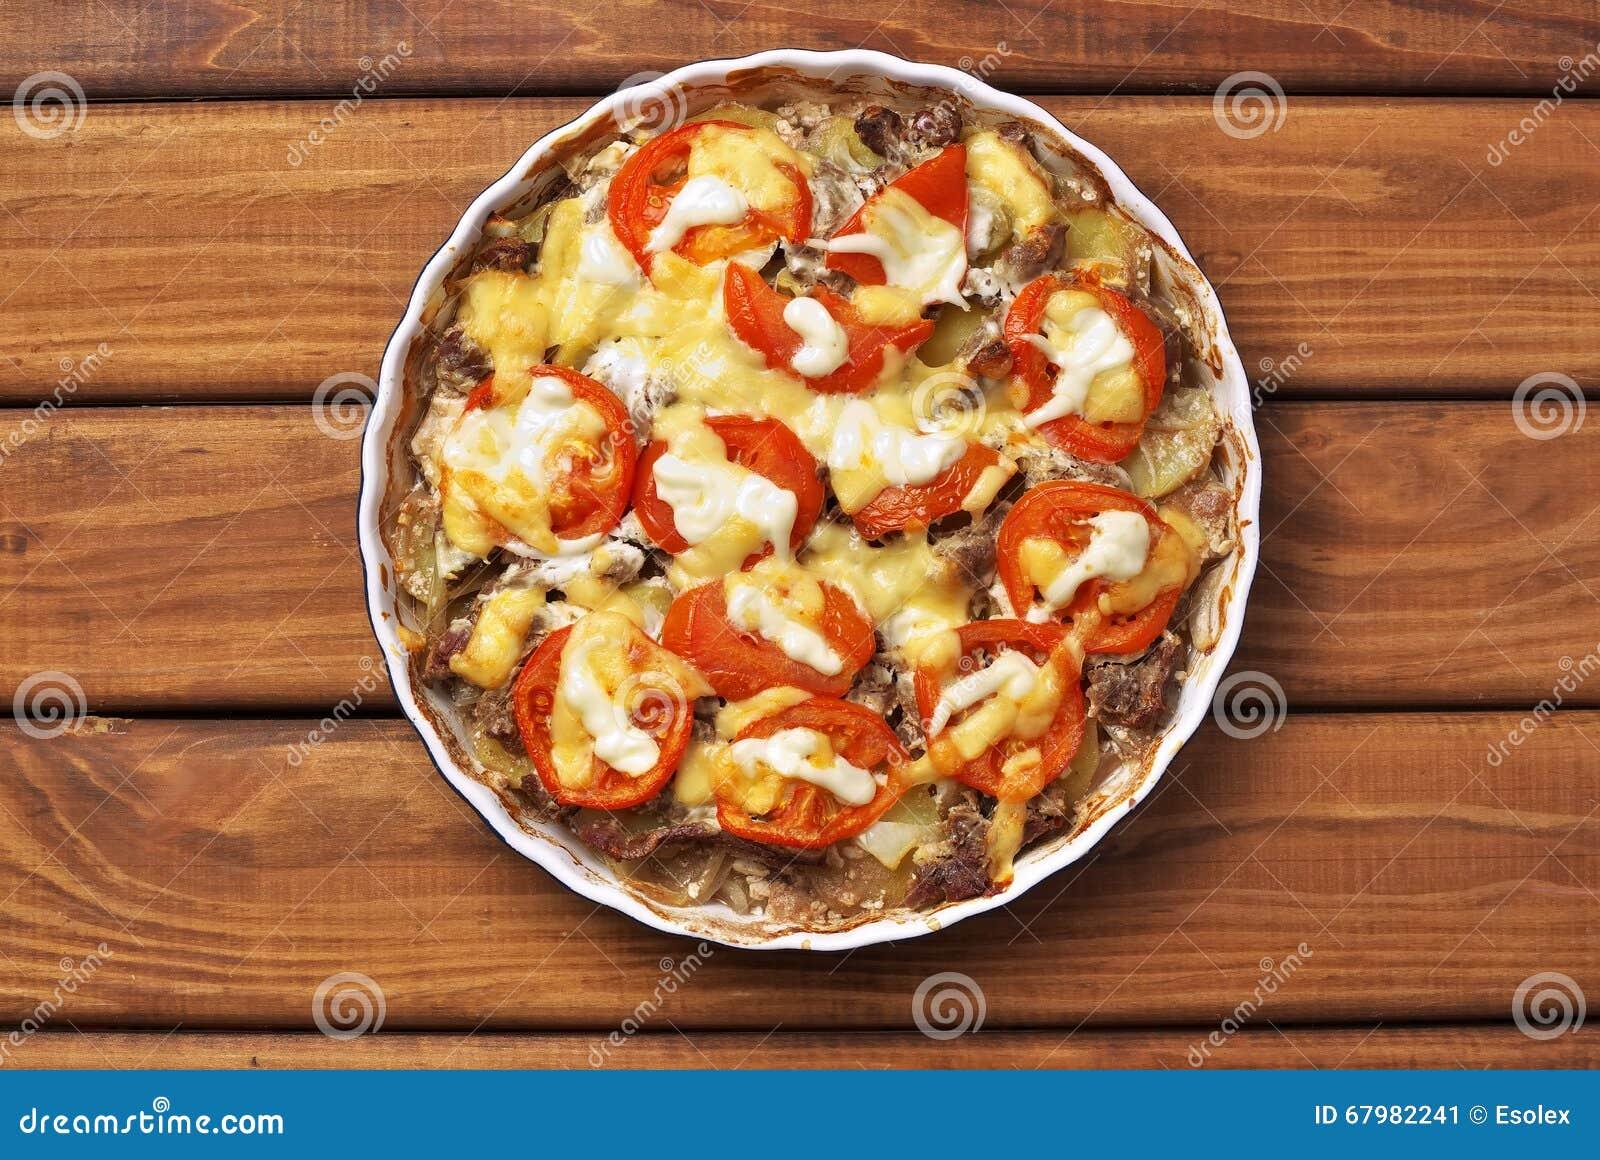 Batata cozinhada com carne, tomate, queijo e maionese